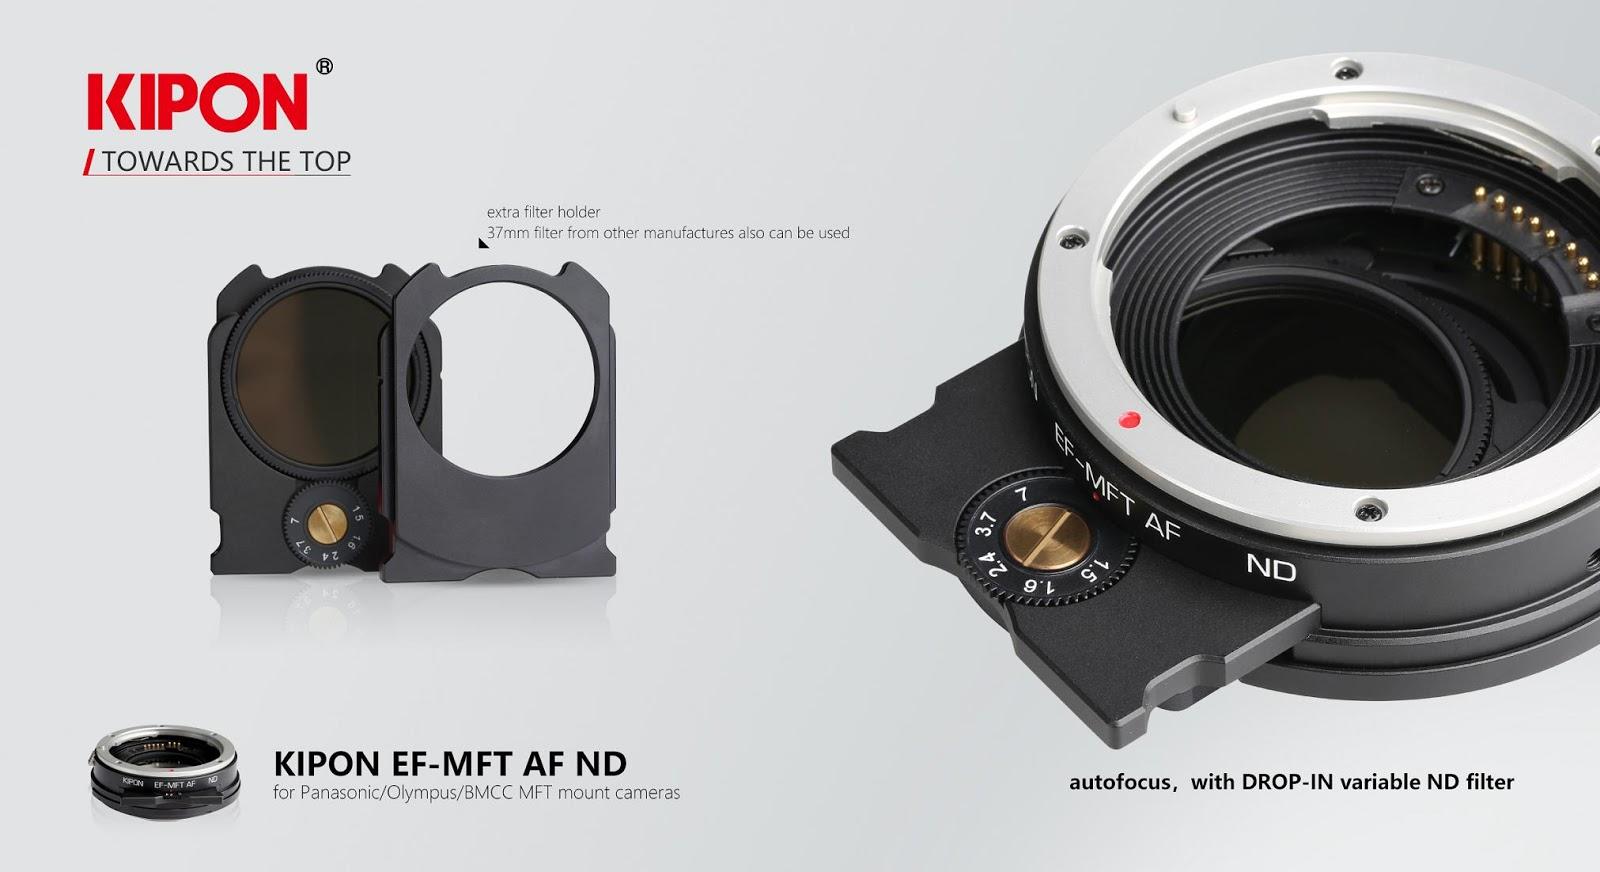 Рекламный баннер для автофокусного адаптера Kipon EF-MFT AF ND